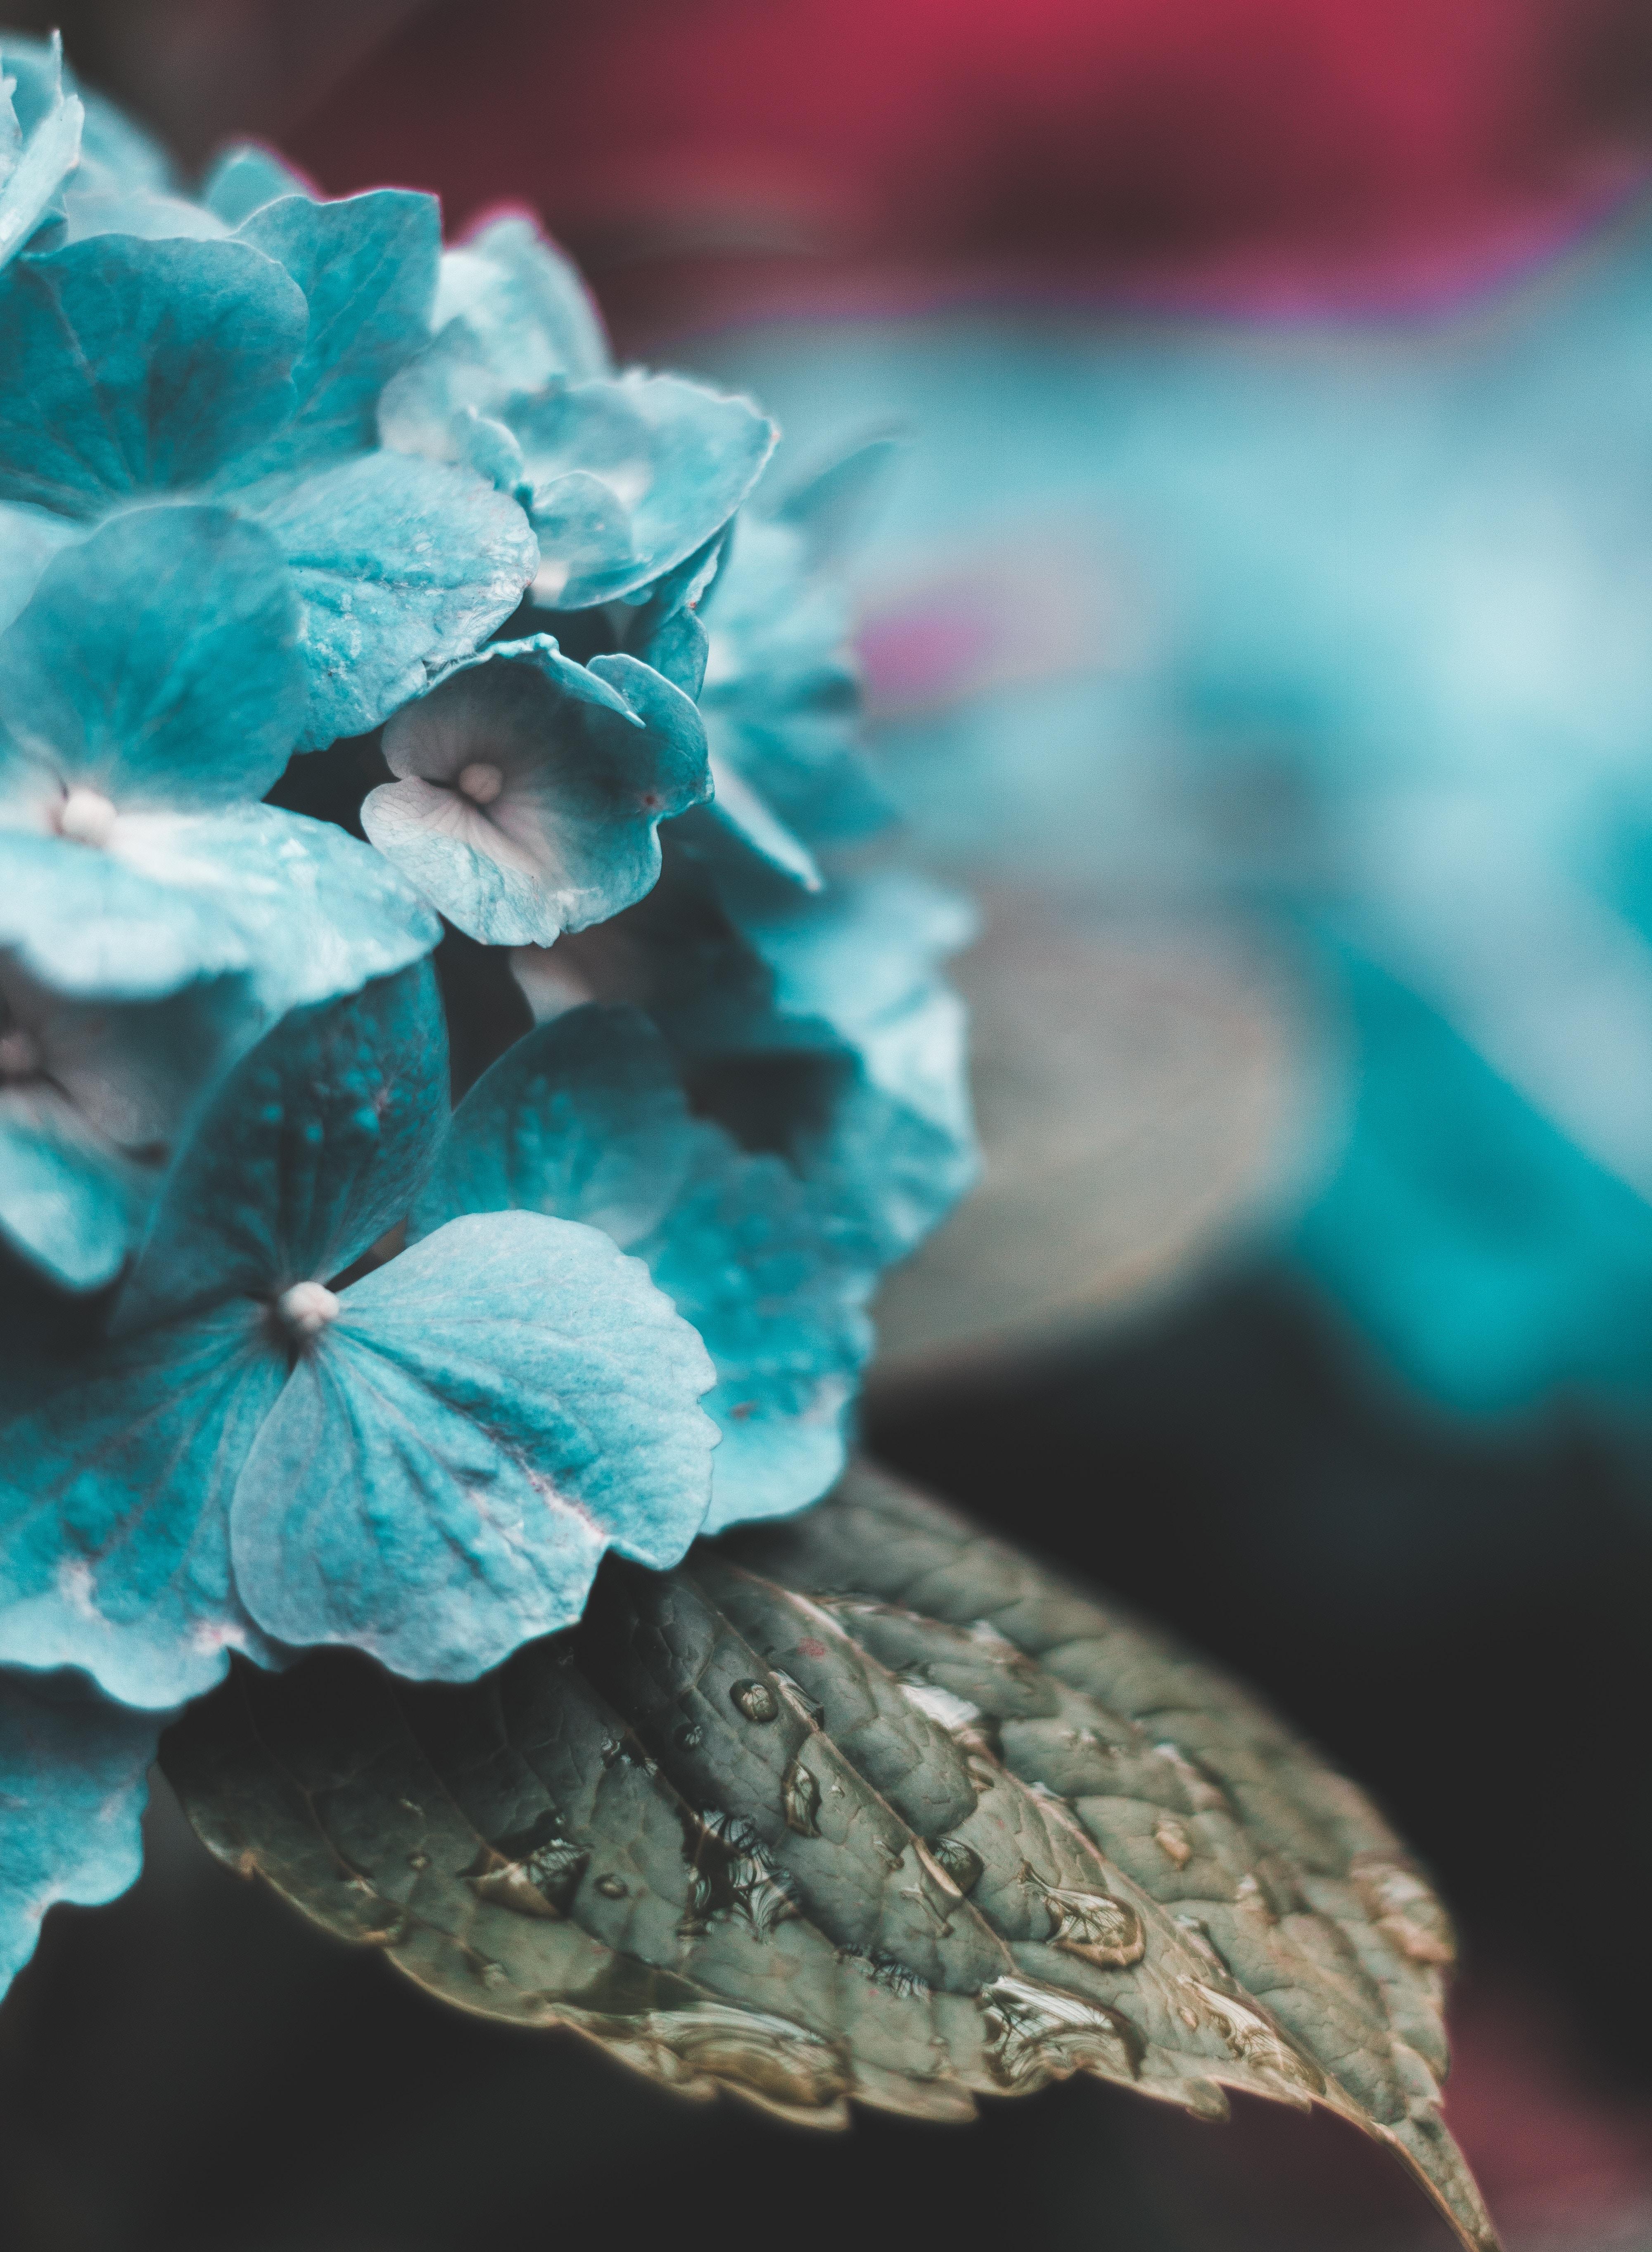 блики холодных картинки в голубом стиле маленьком поселке урдома